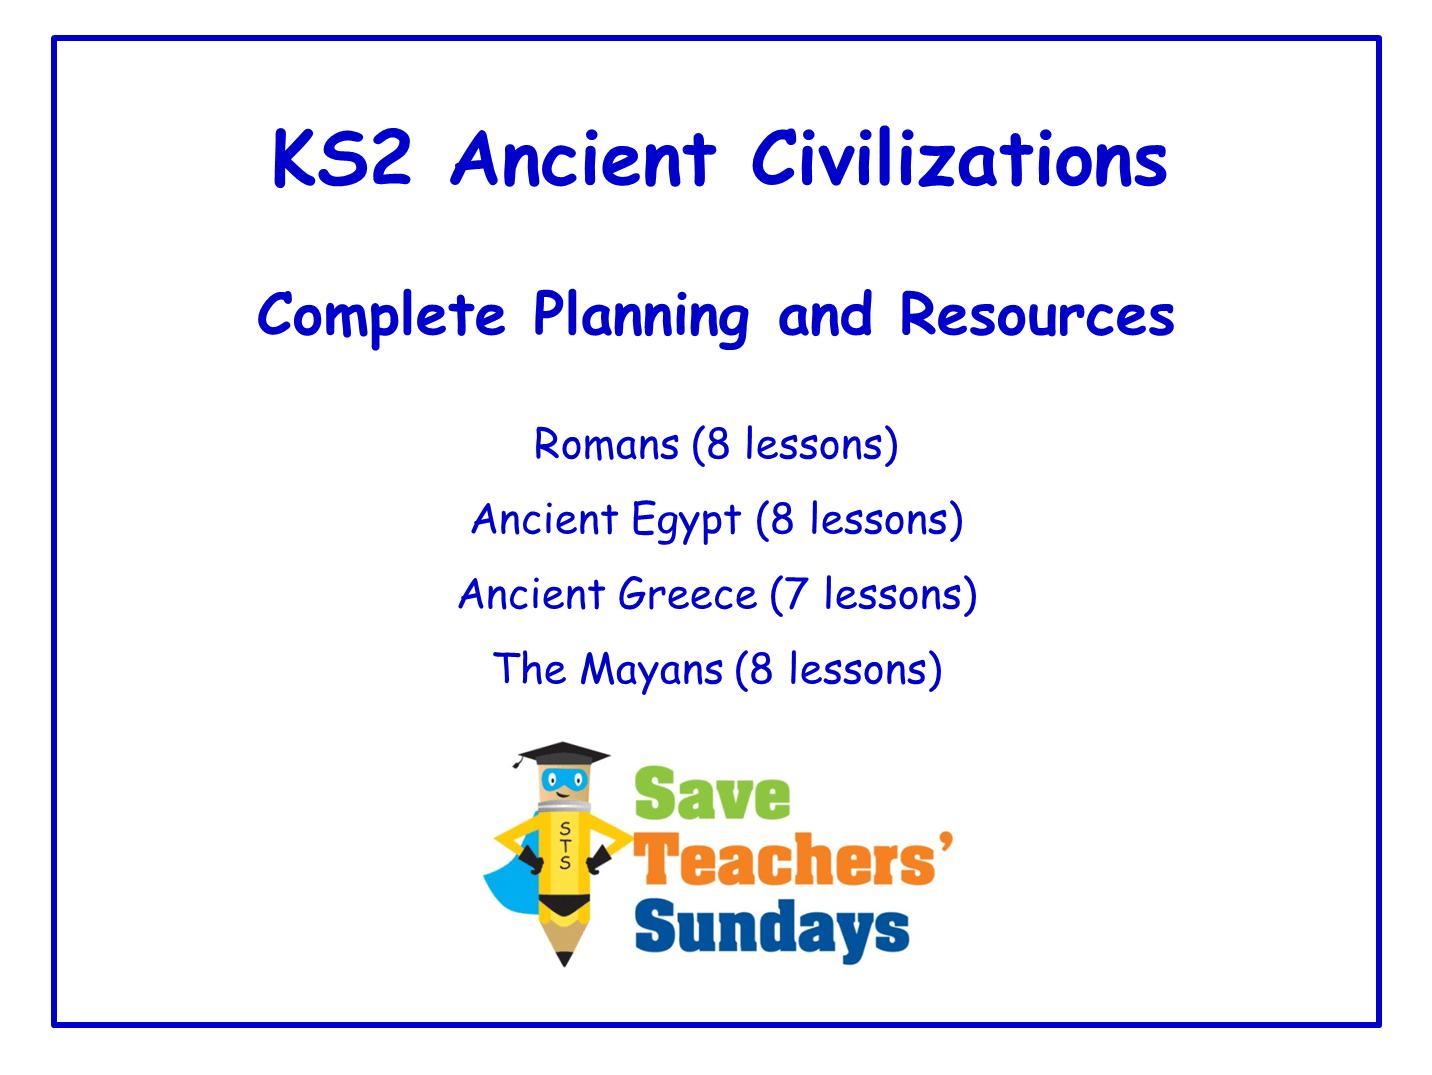 Ks2 Ancient Civilizations Bundle